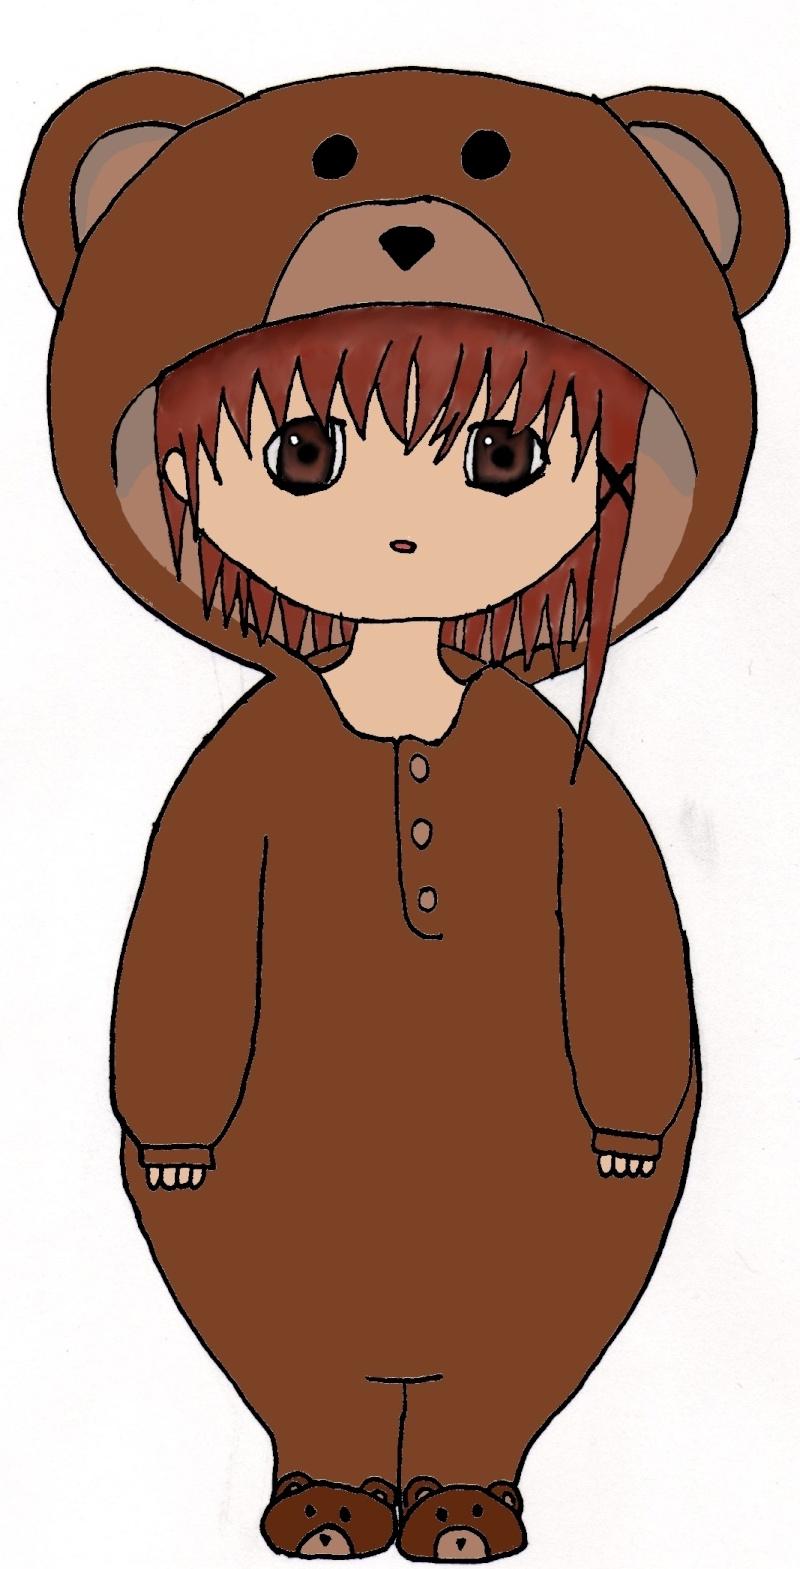 Les dessins d'une renarde Lain_k10